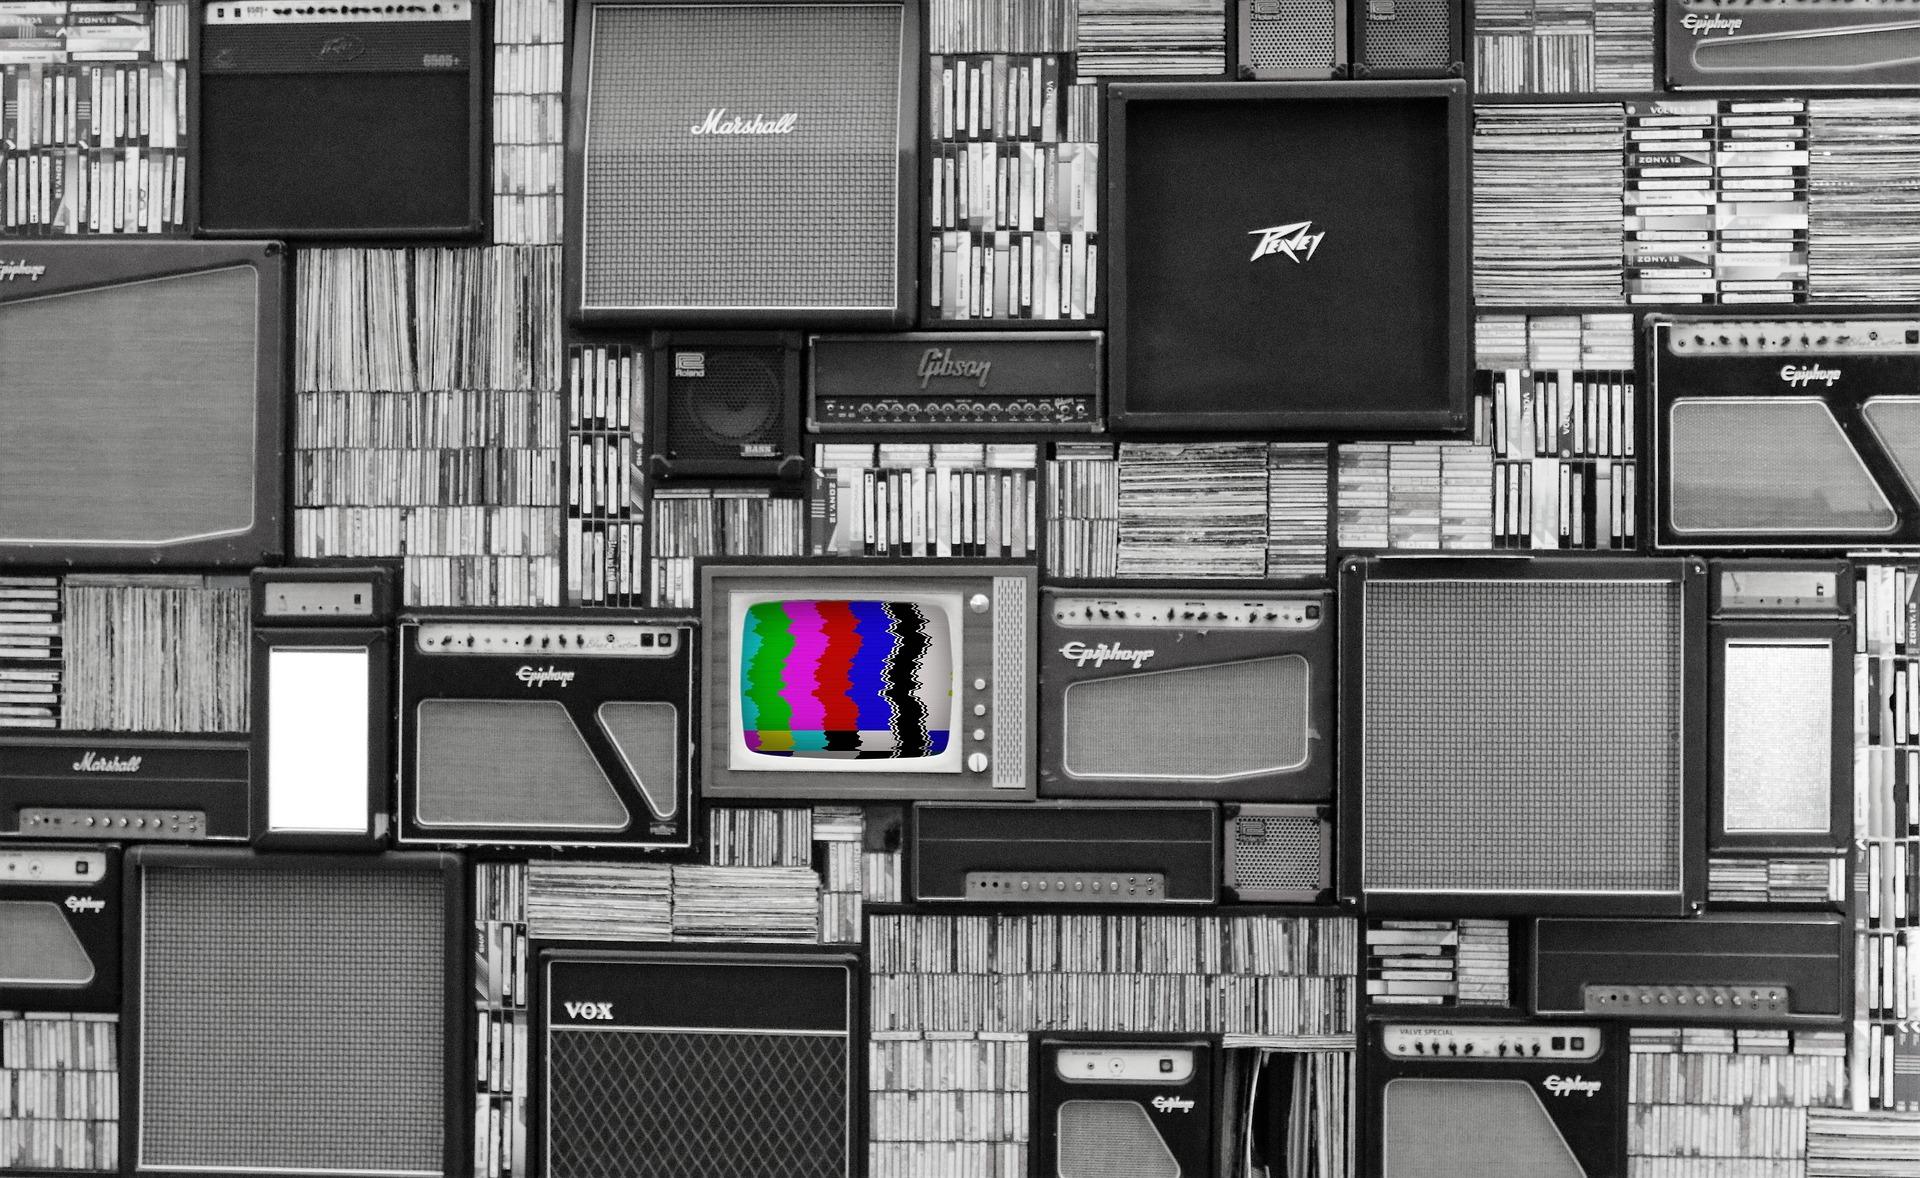 Begrepp inom TV-världen